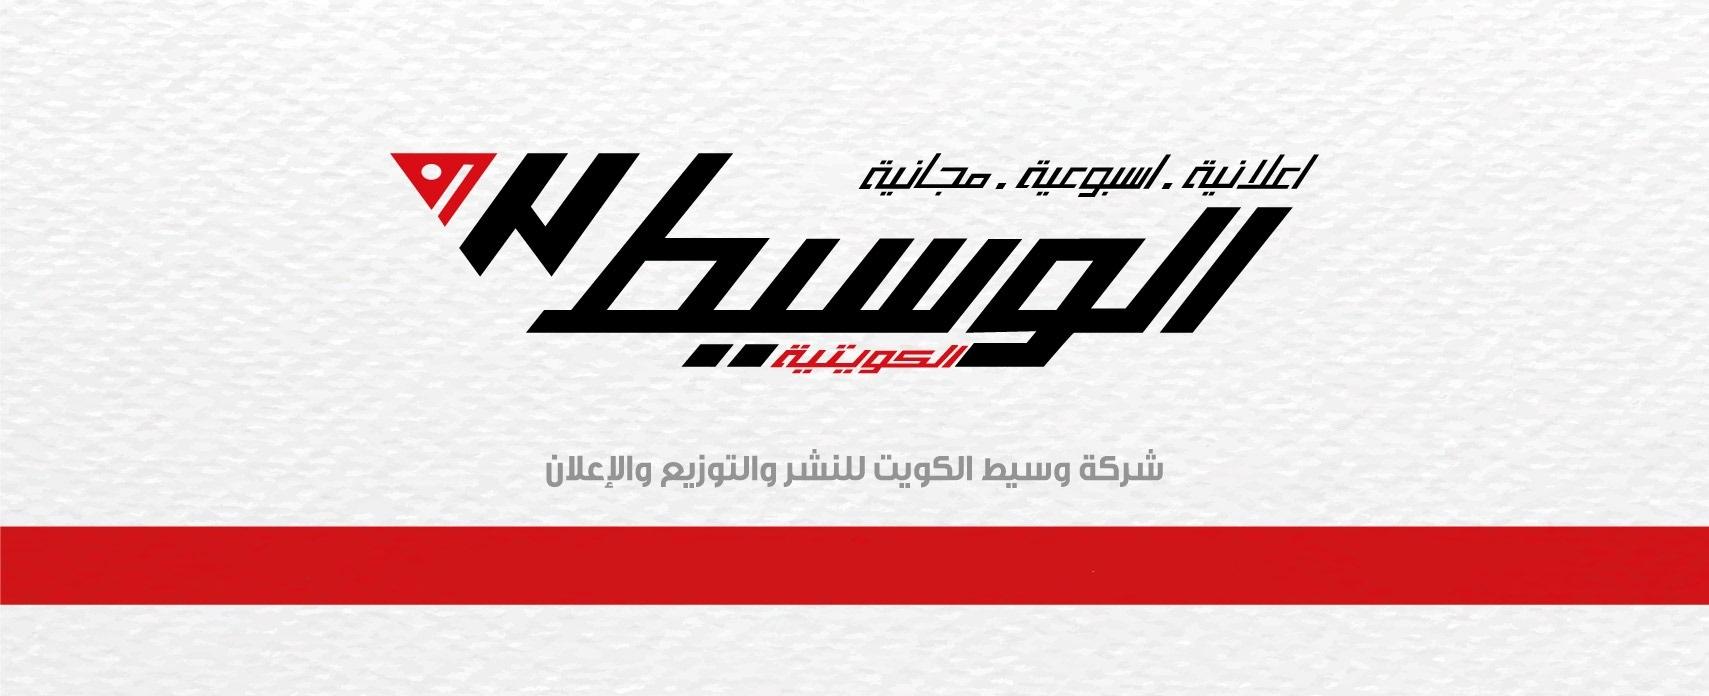 وظائف جريدة الوسيط الكويتية الثلاثاء 20/10/2020 waseet Newspaper jobs in kuwait